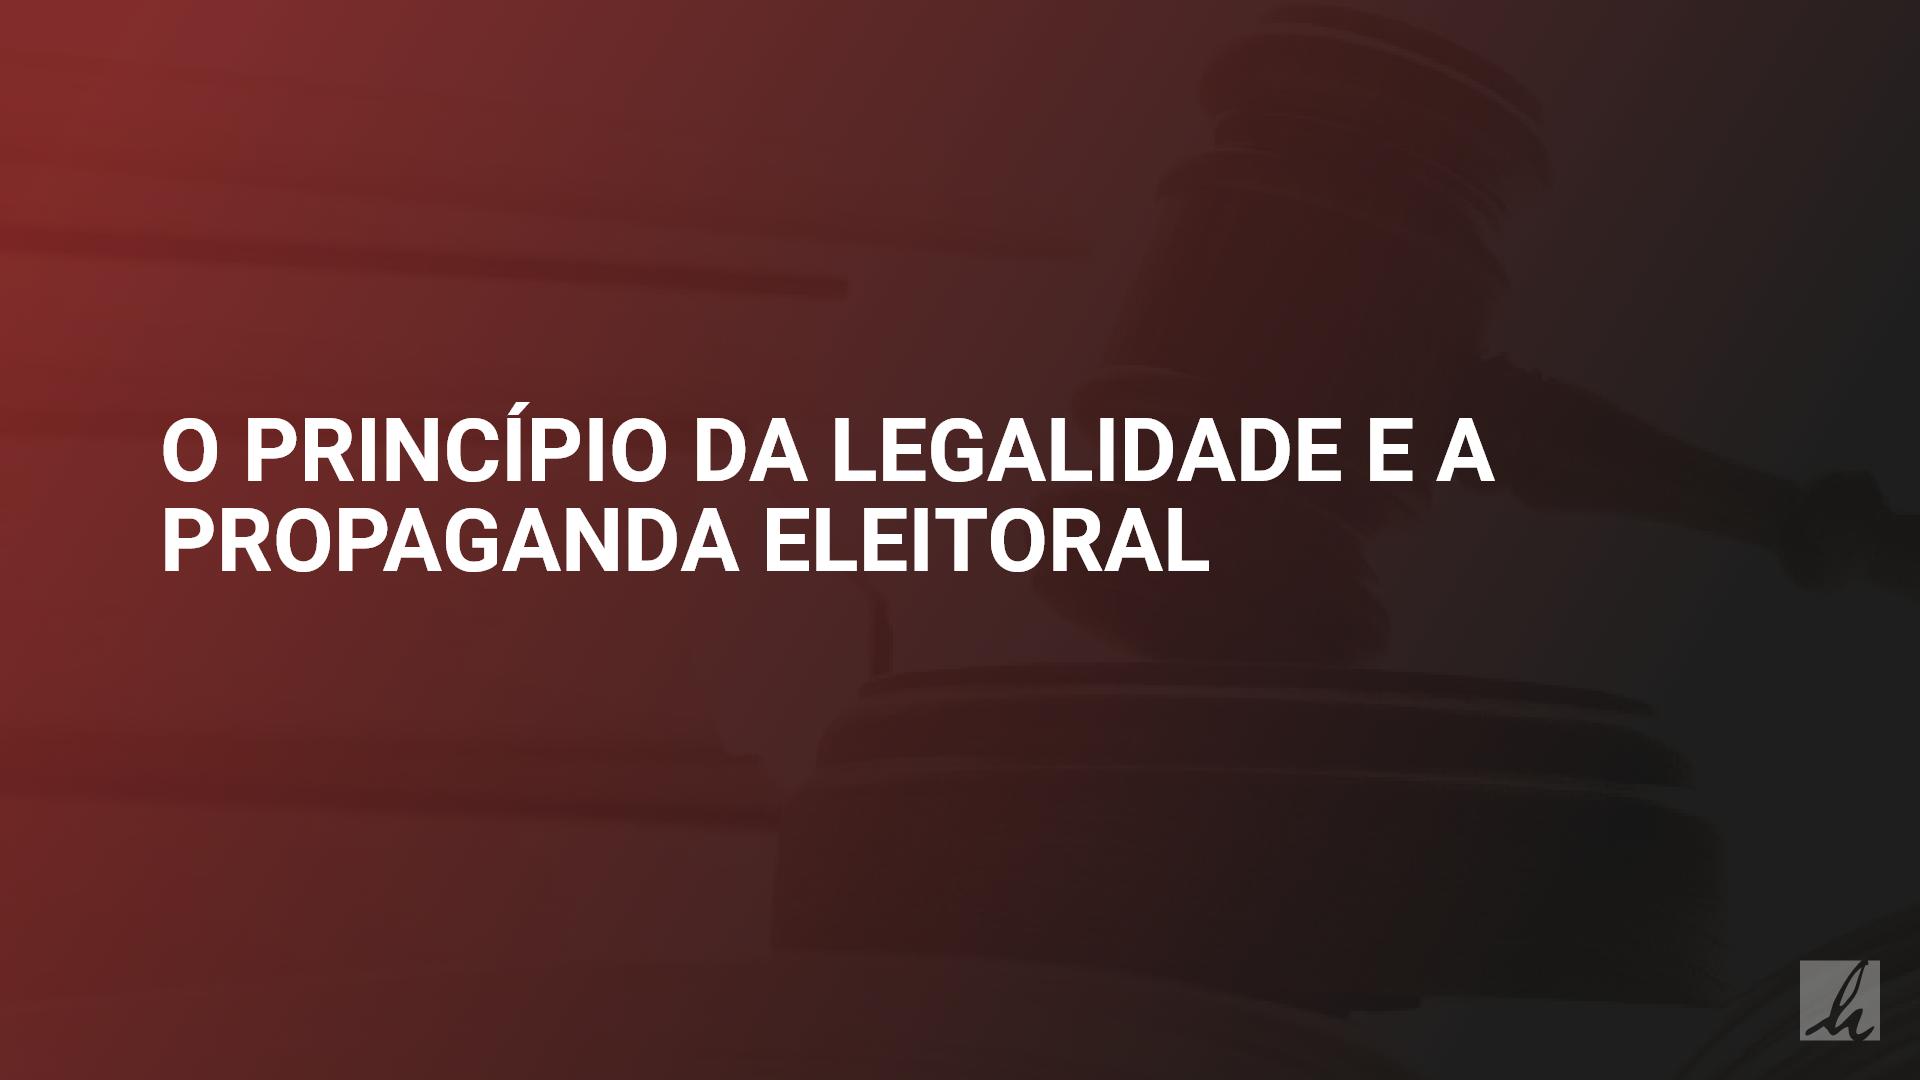 O princípio da legalidade e a propaganda eleitoral